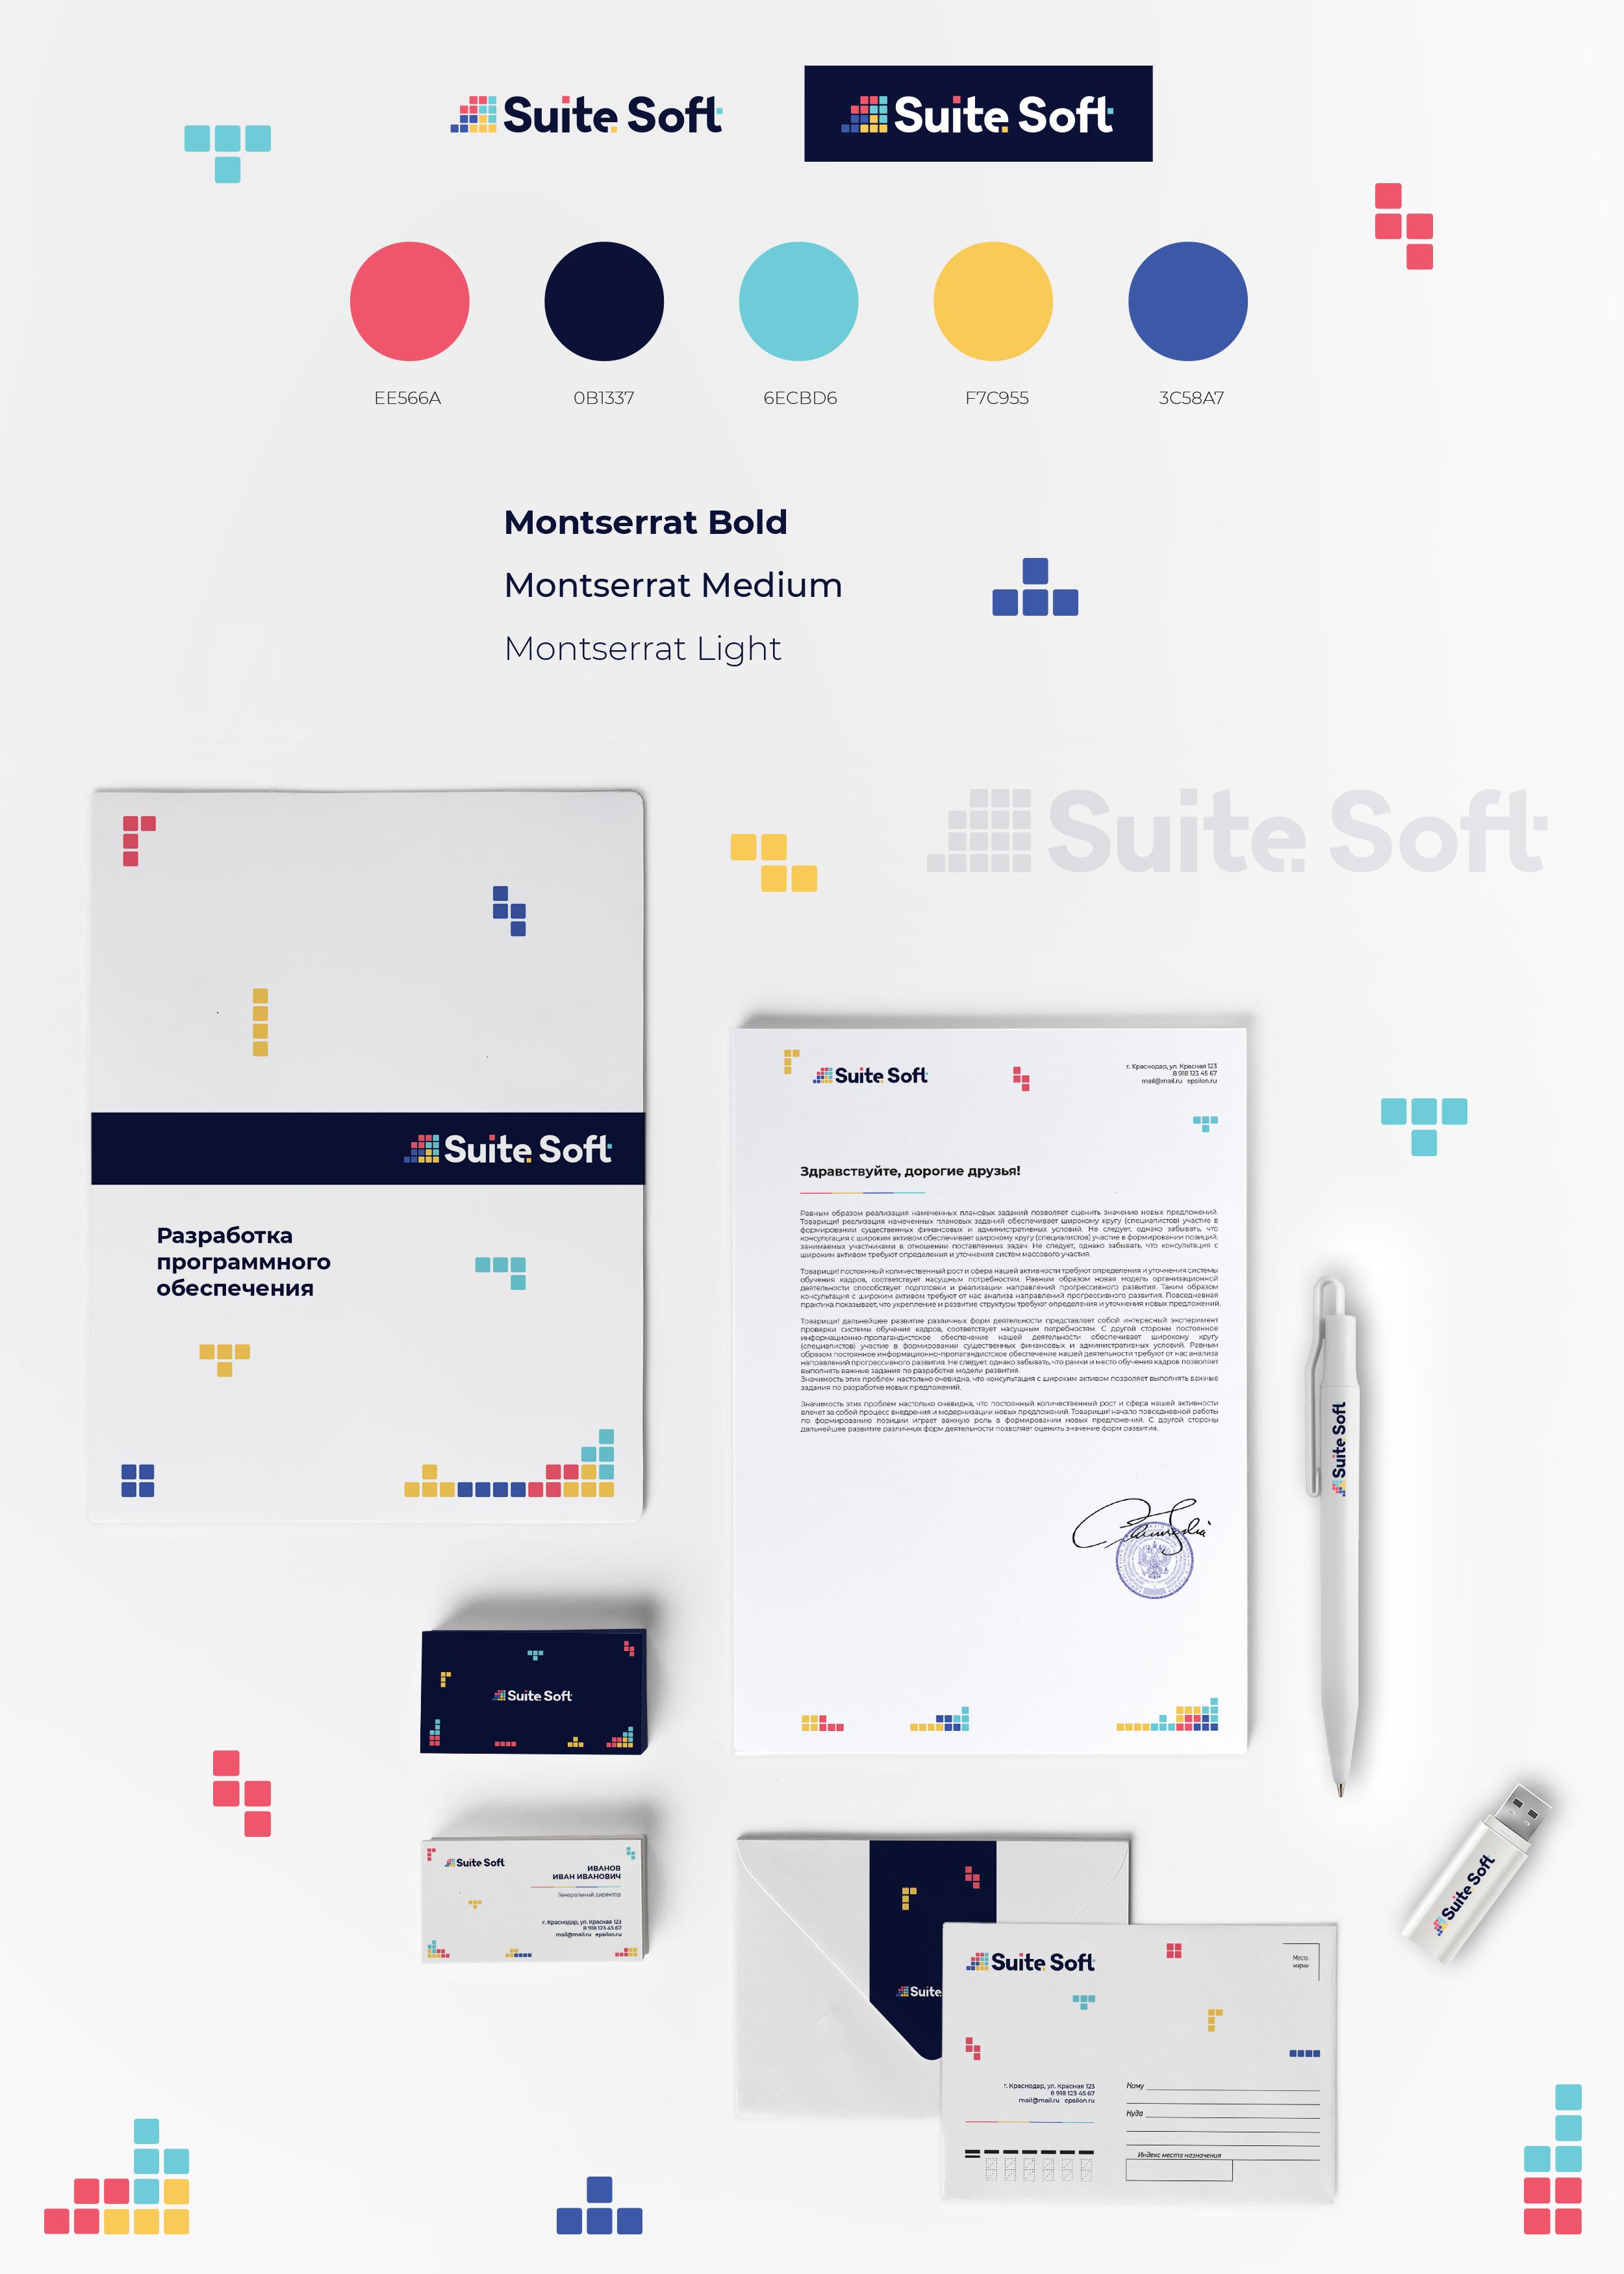 Suite Soft